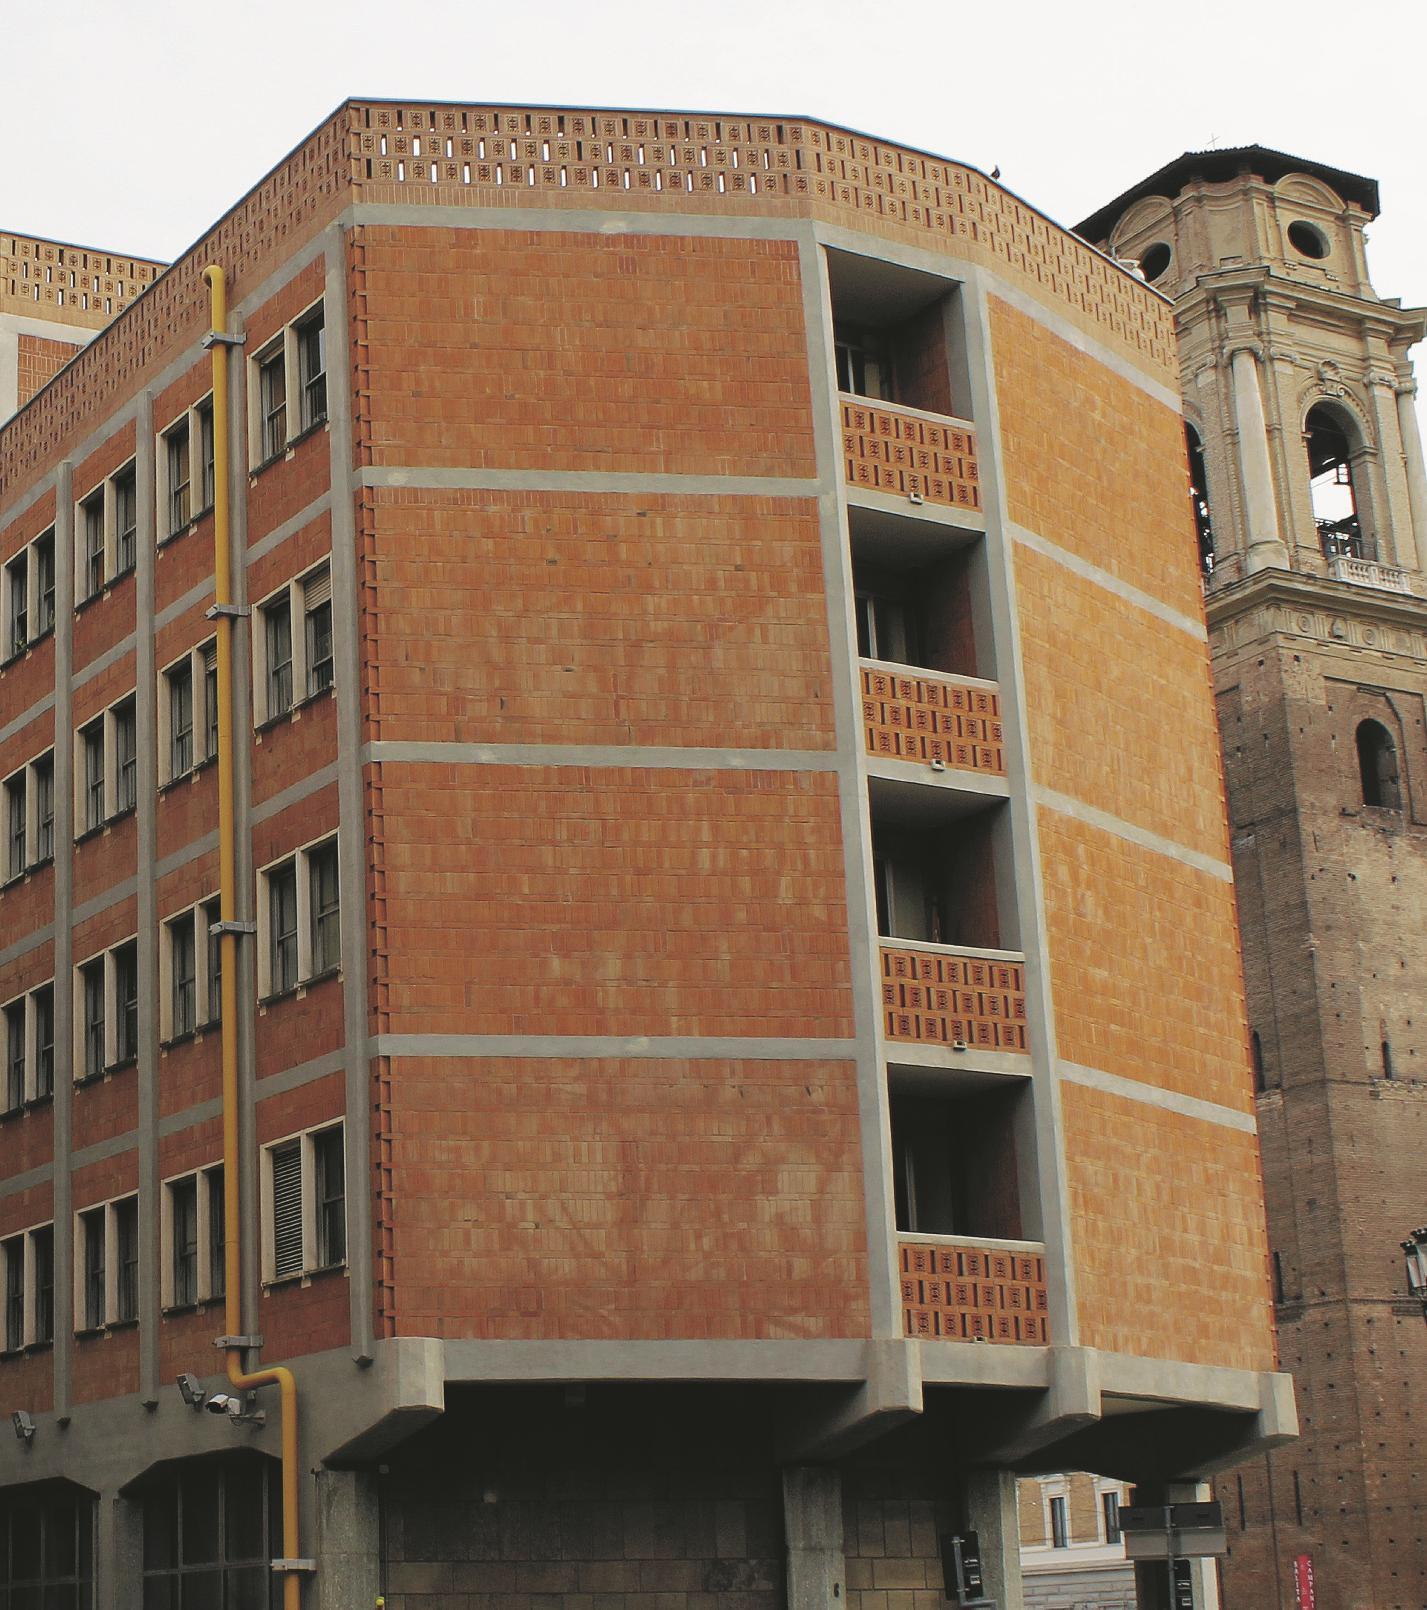 PRIMA. Palazzo dei Lavori Pubblici, Torino. Sul Fatto Quotidiano del 13/10/2014 –  (Foto di Niccolò Gros-Pietro)